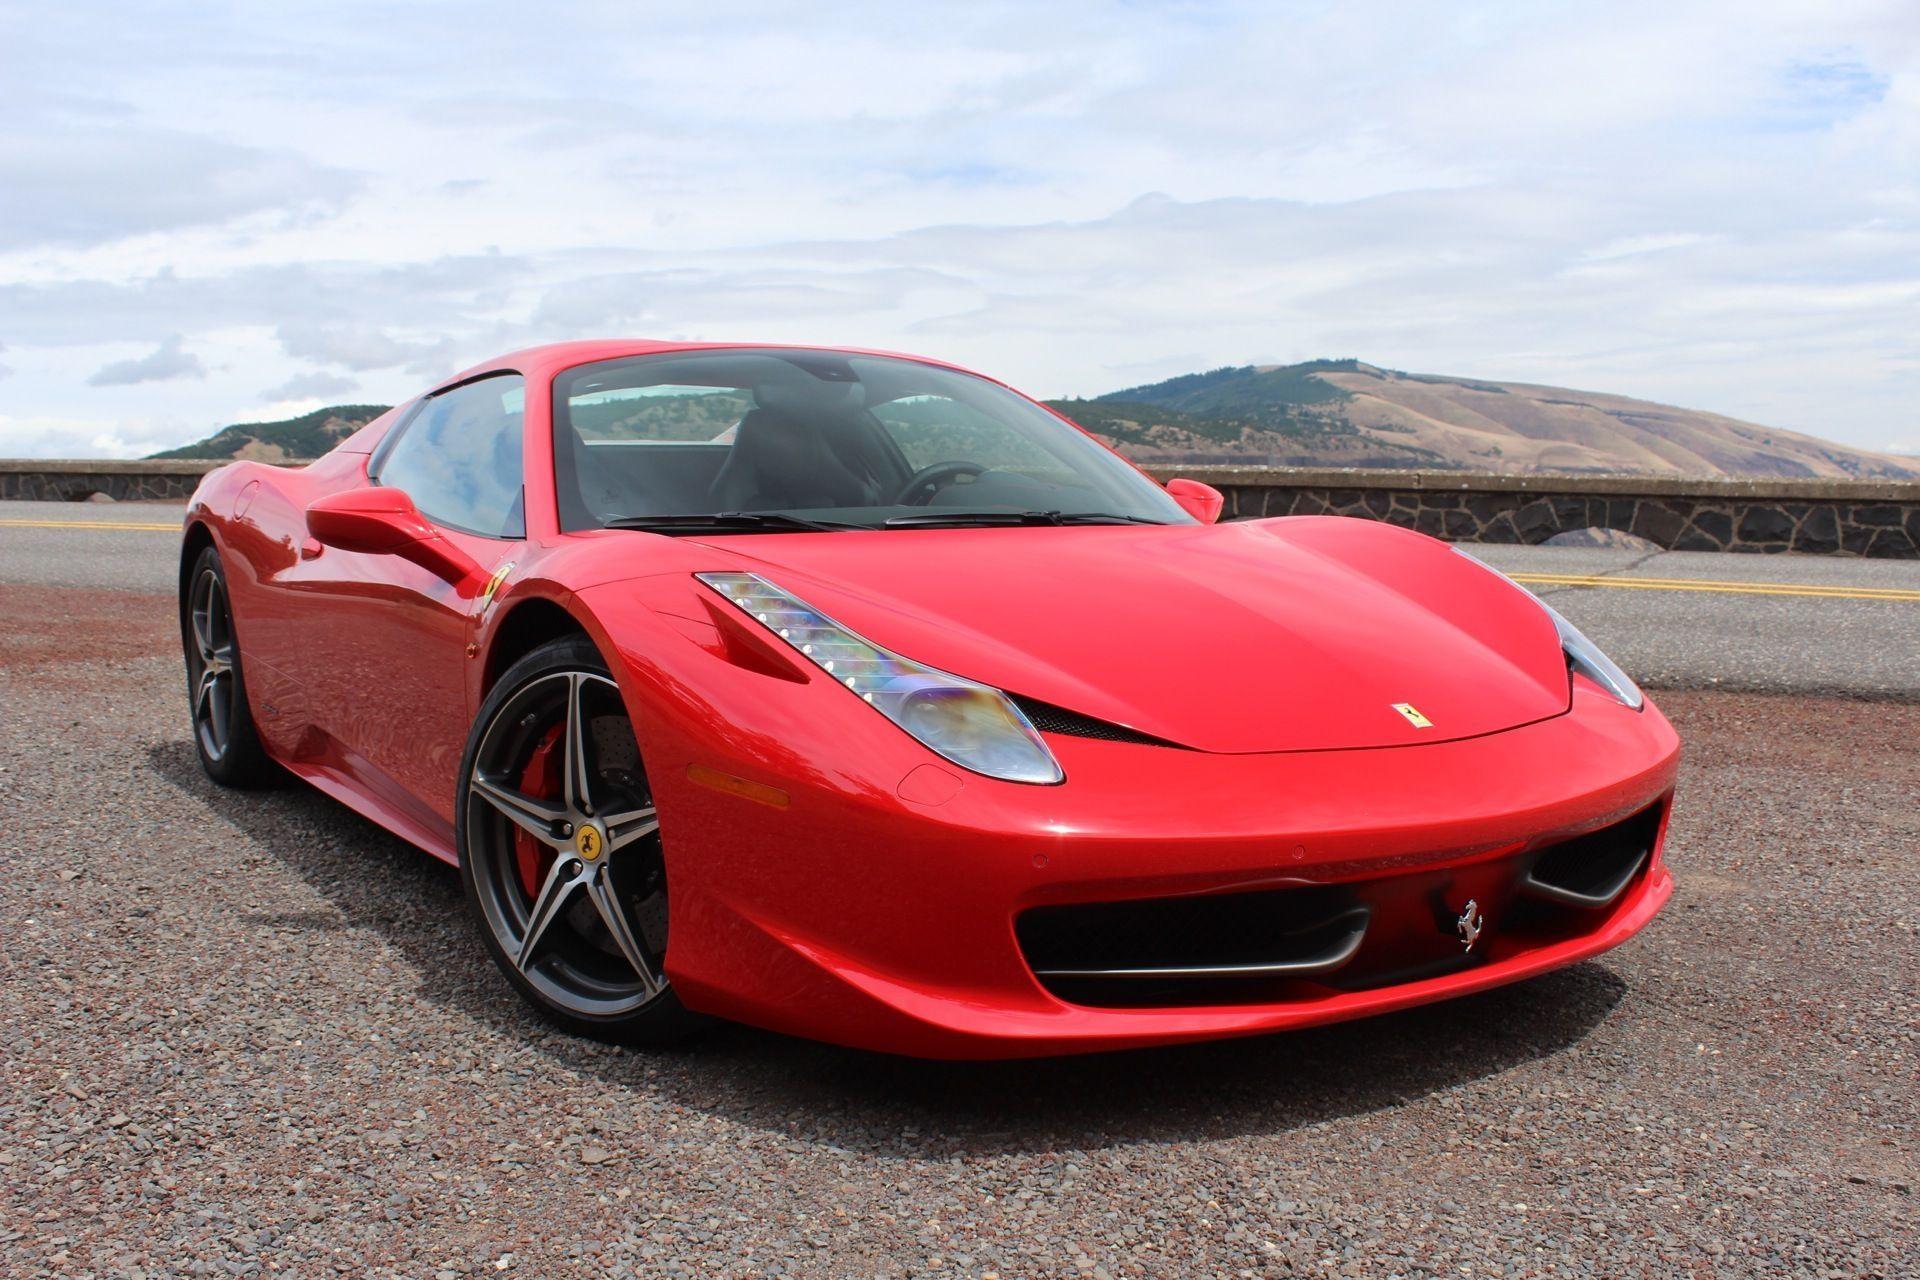 2020 Ferrari 458 Spider Review and Release Date | Ferrari ...